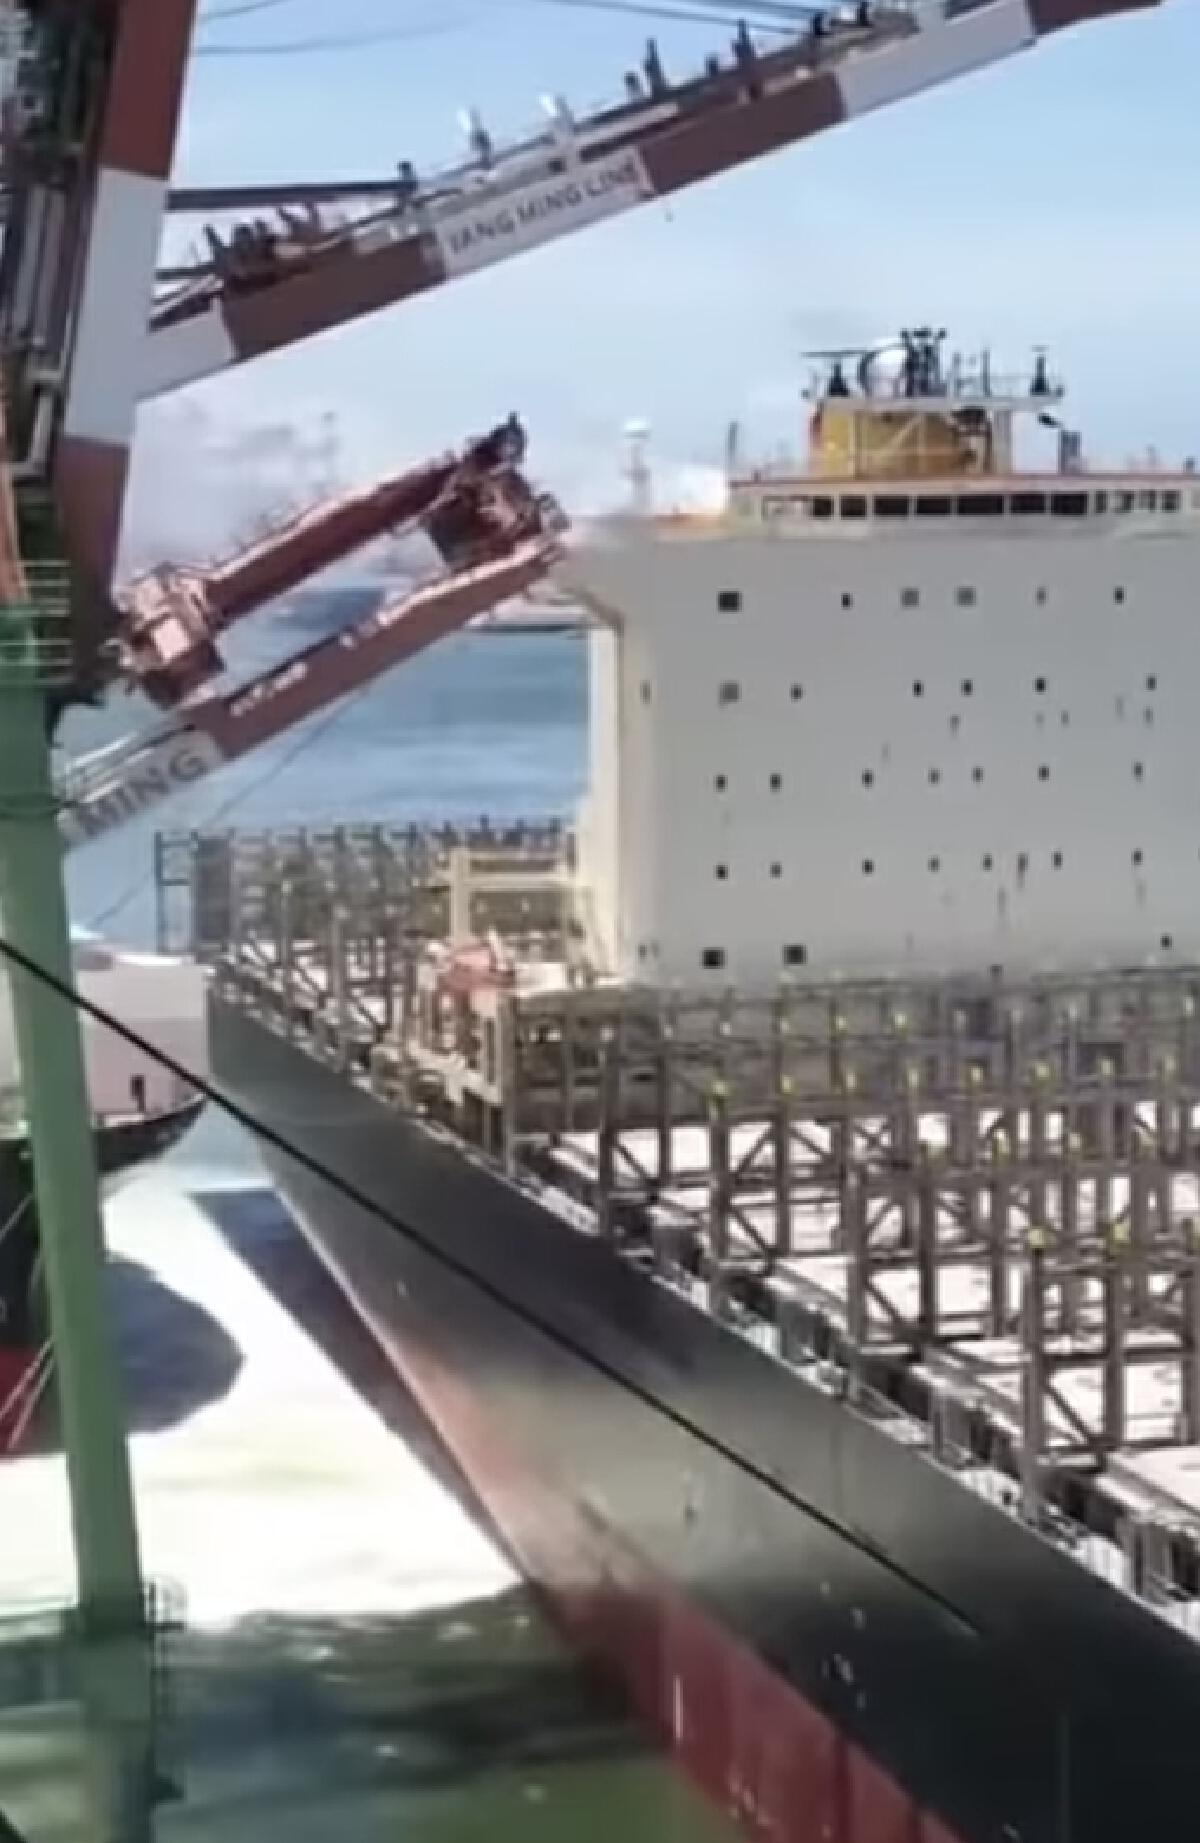 สุดระทึก เรือขนตู้คอนเทนเนอร์ ชนท่าเรือ ทำเครนพังถล่ม หนีเอาชีวิตรอดวุ่น